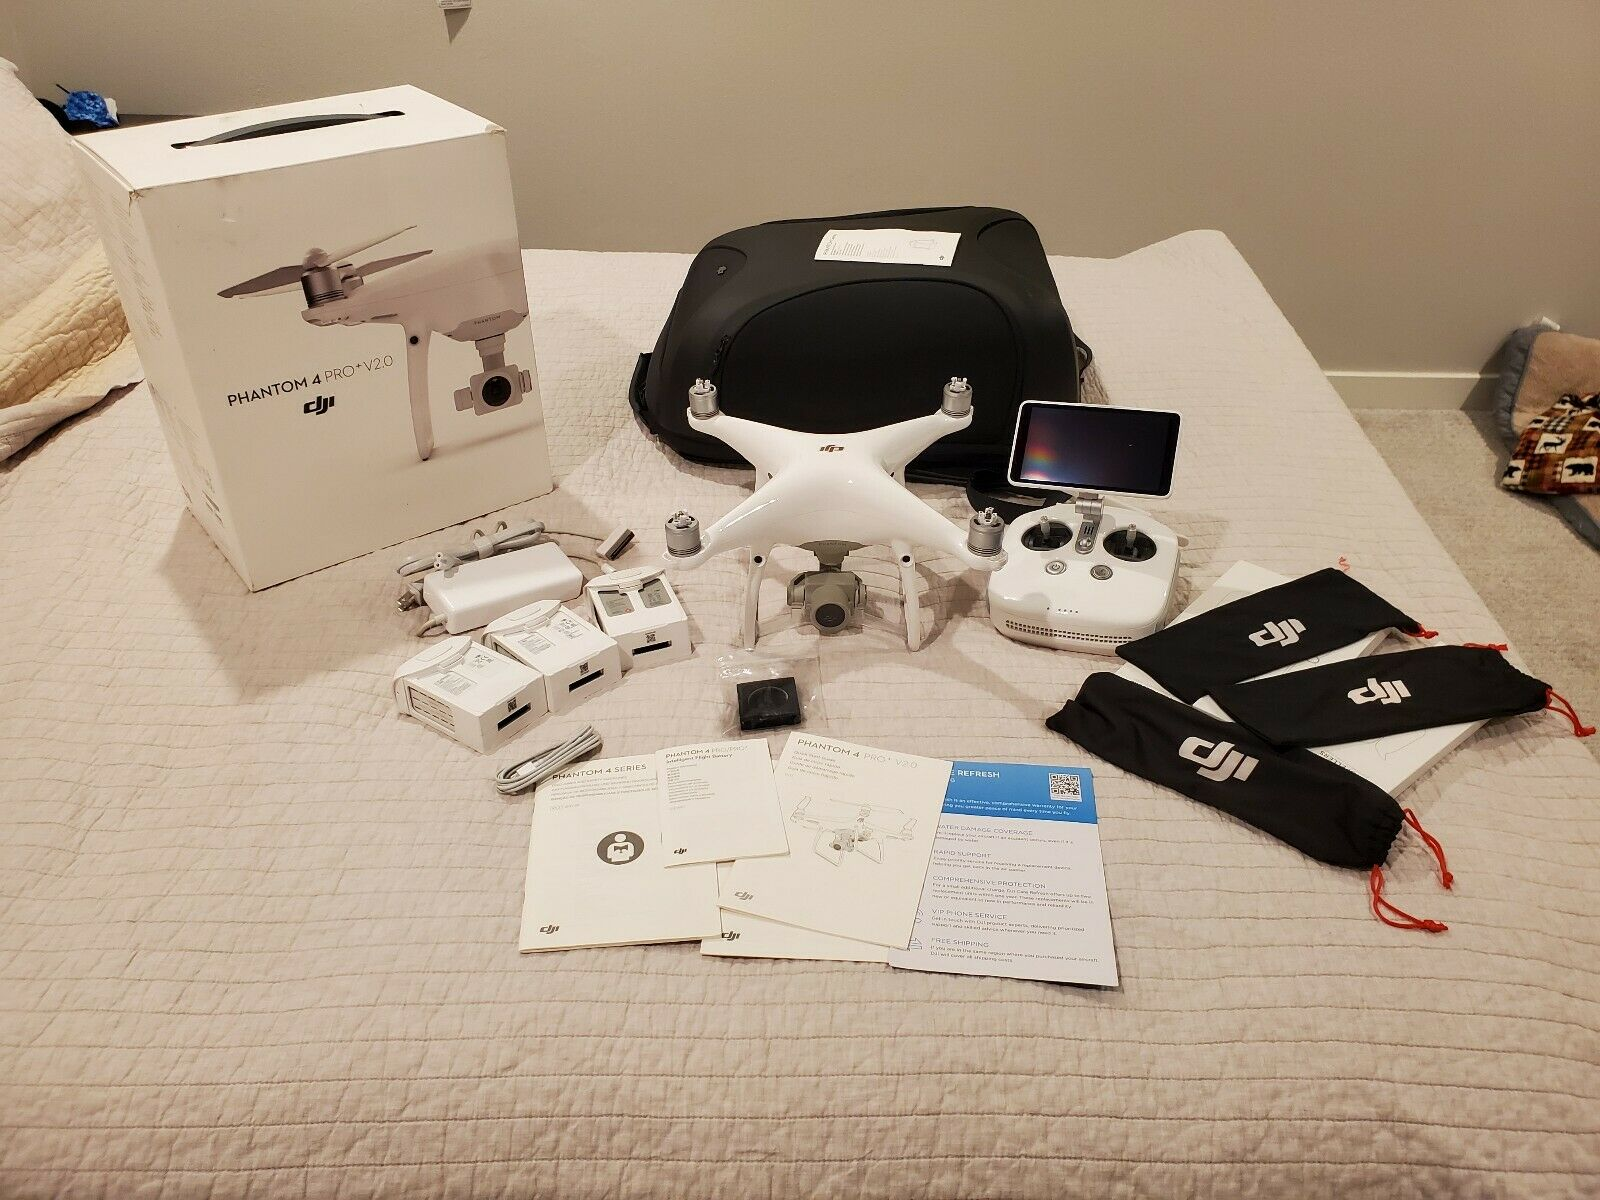 DJI Phantom 4 Pro Plus V2.0 drone +14704086638